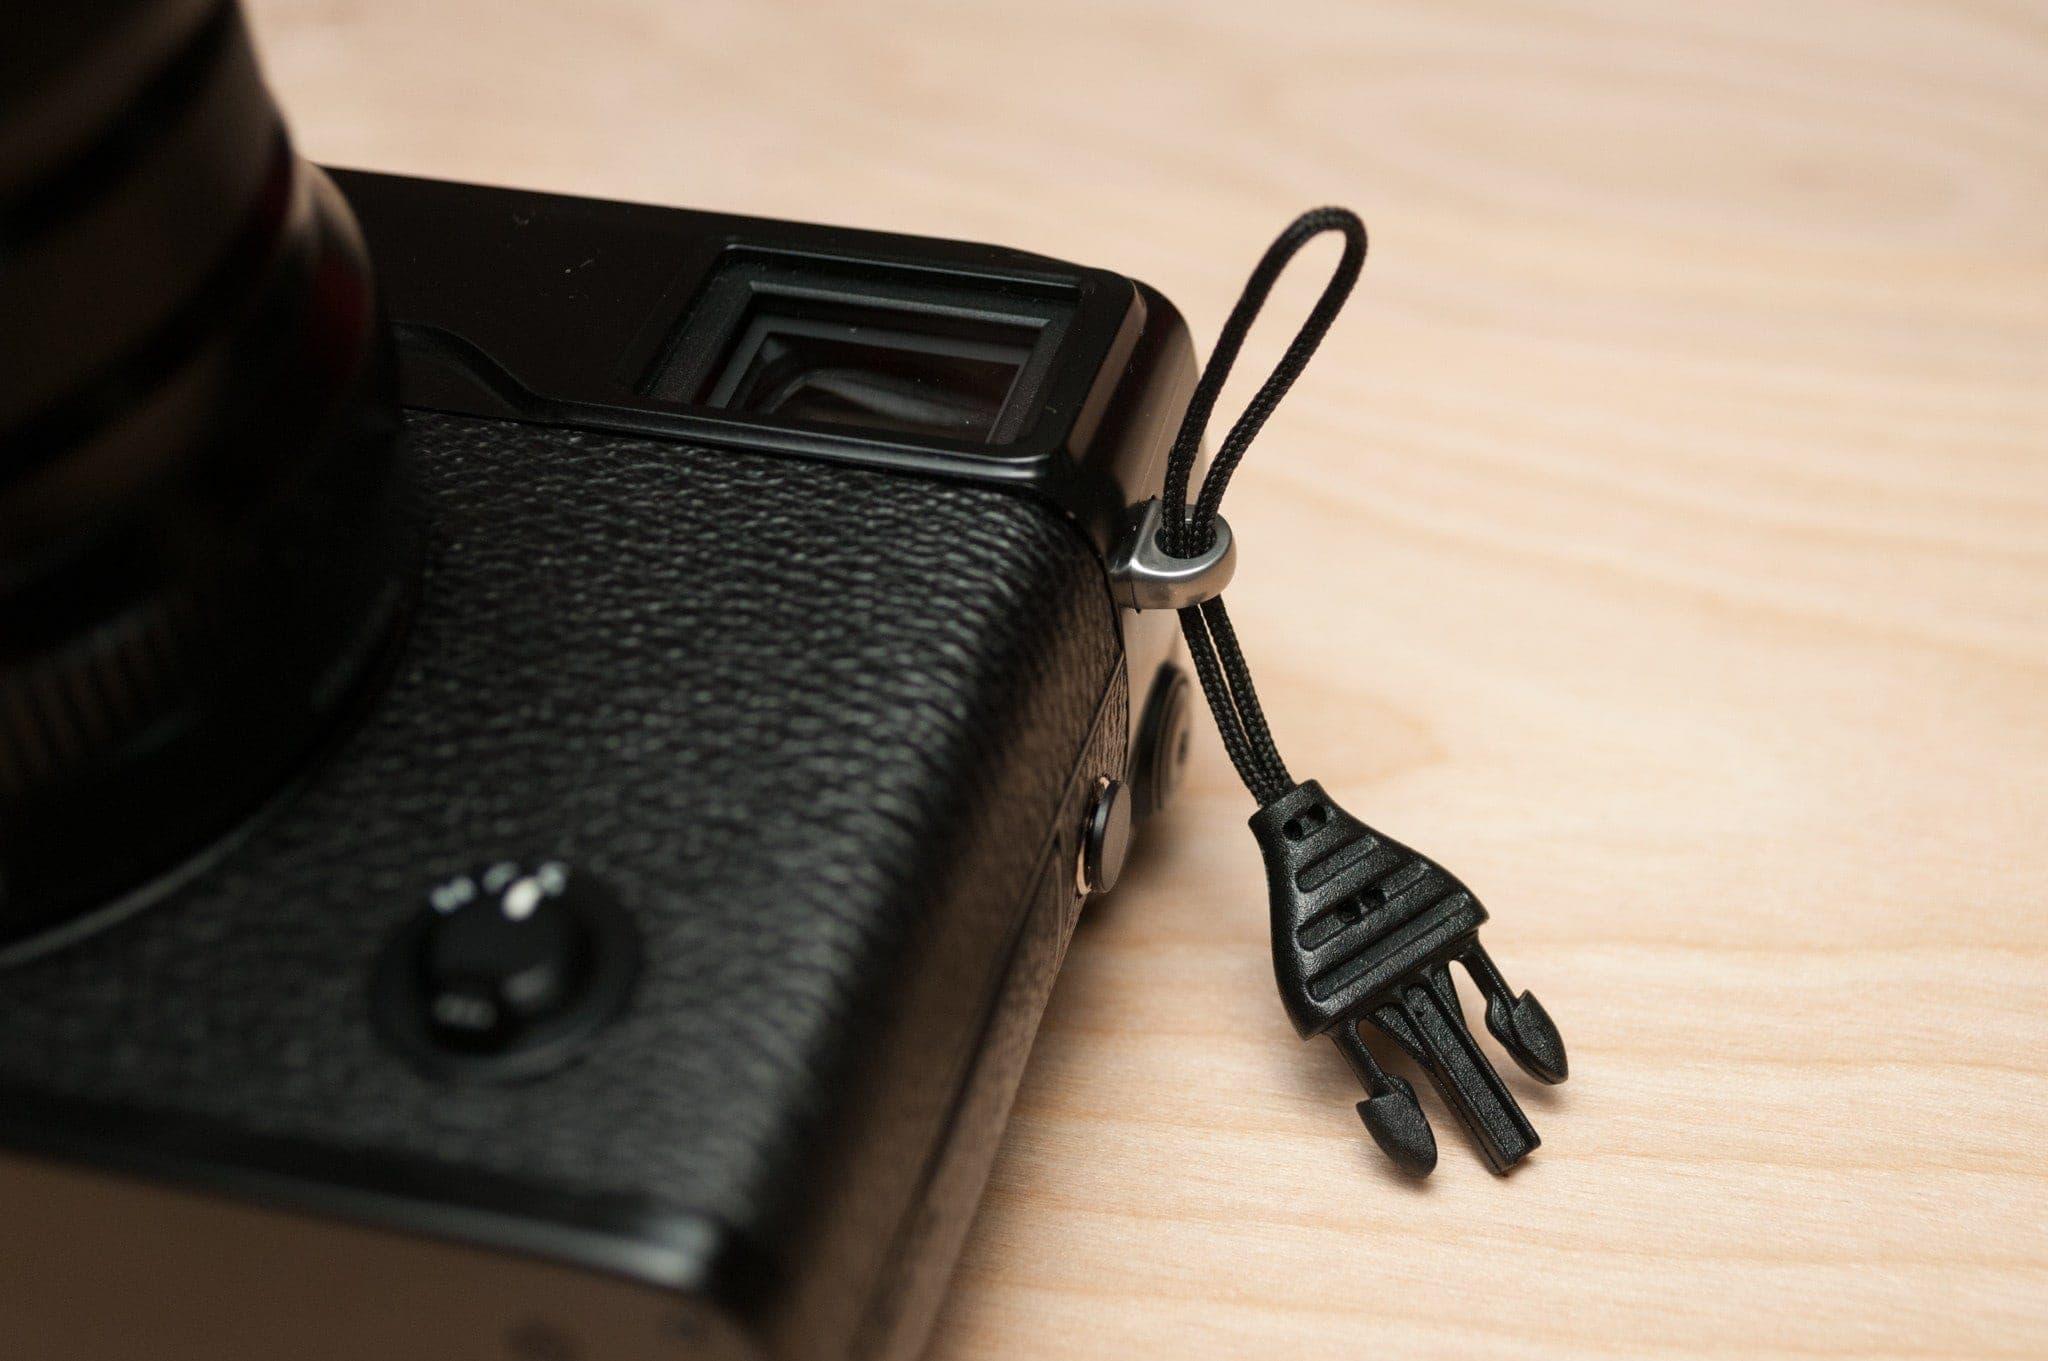 Træk sløjfebåndet gennem stroppen. Det kan hjælpe med at bruge et stykke snor eller tandvæv.